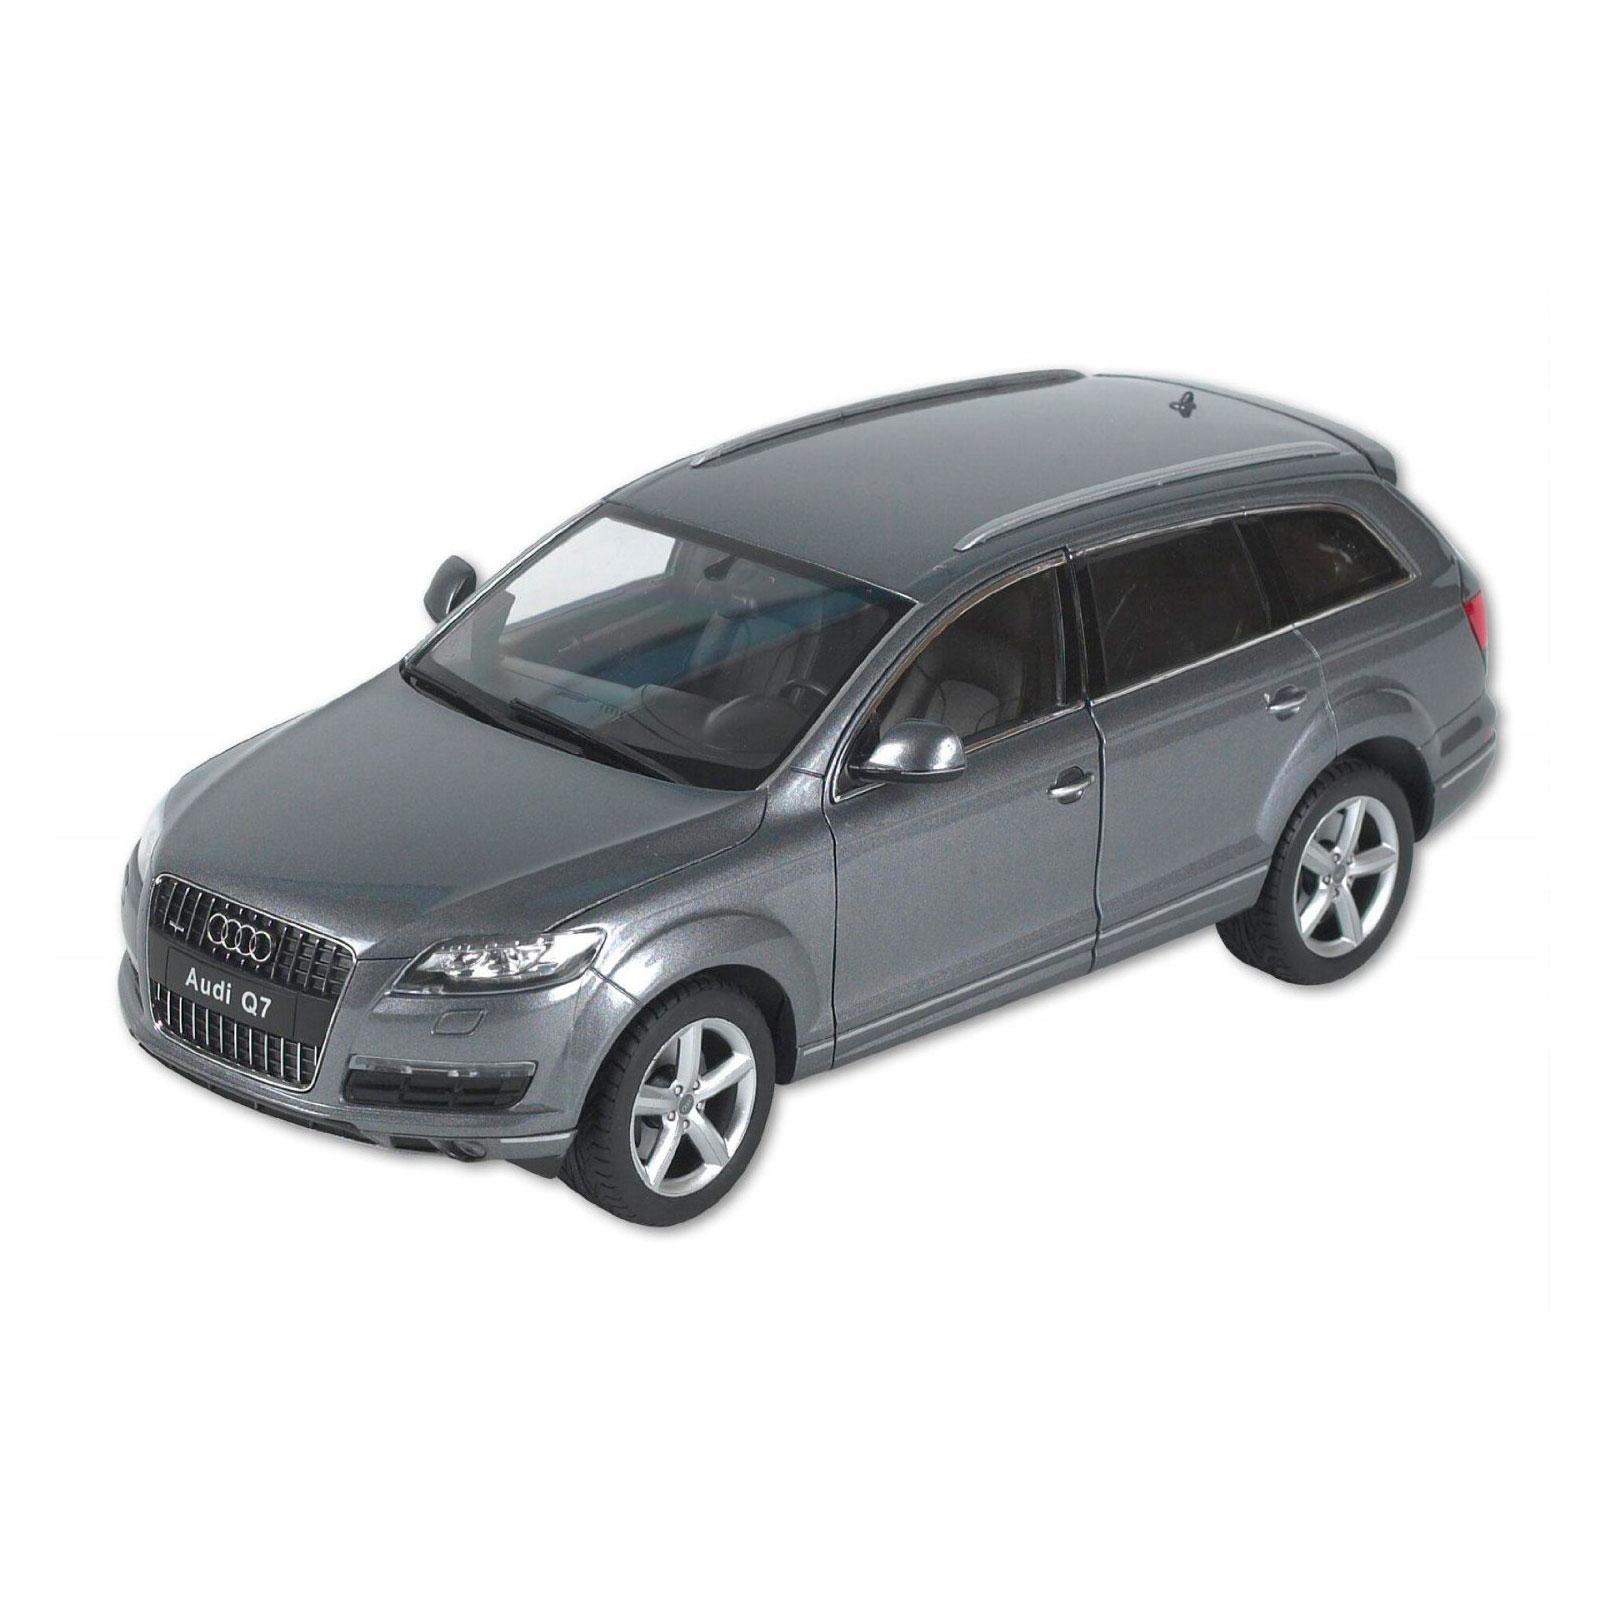 ������� Welly Audi Q7